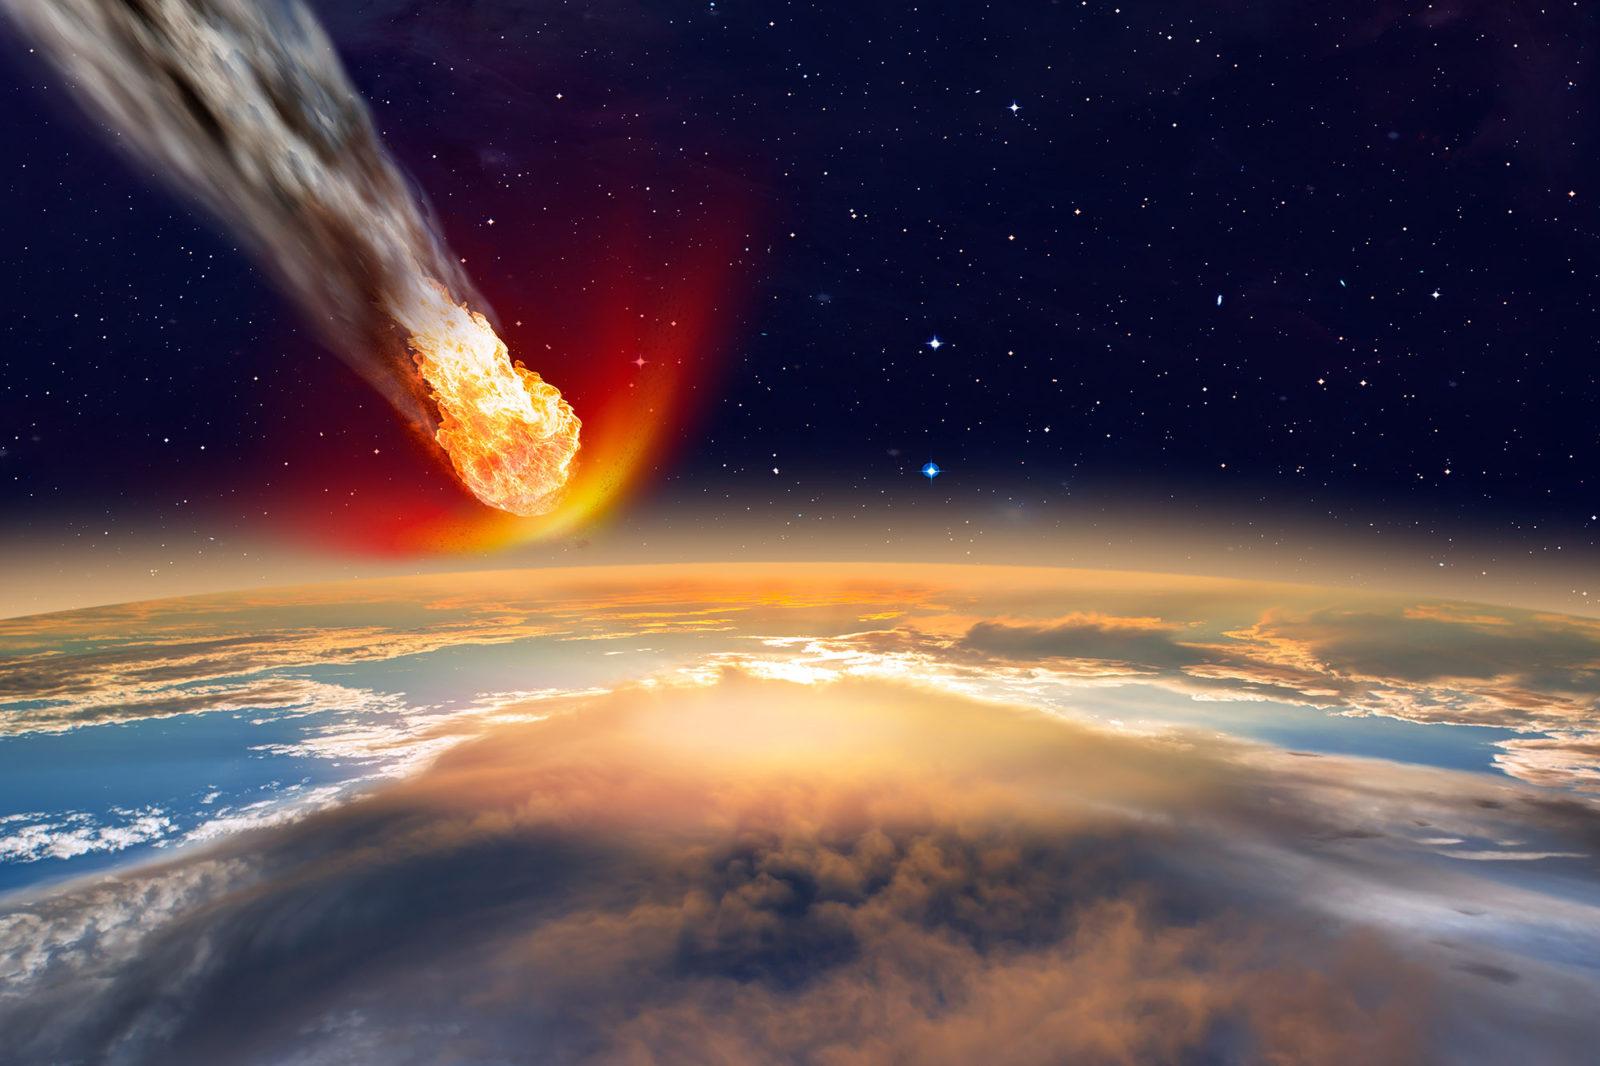 Больше 100 лет назад в Тверской области упал метеорит: учёные рассказали подробности